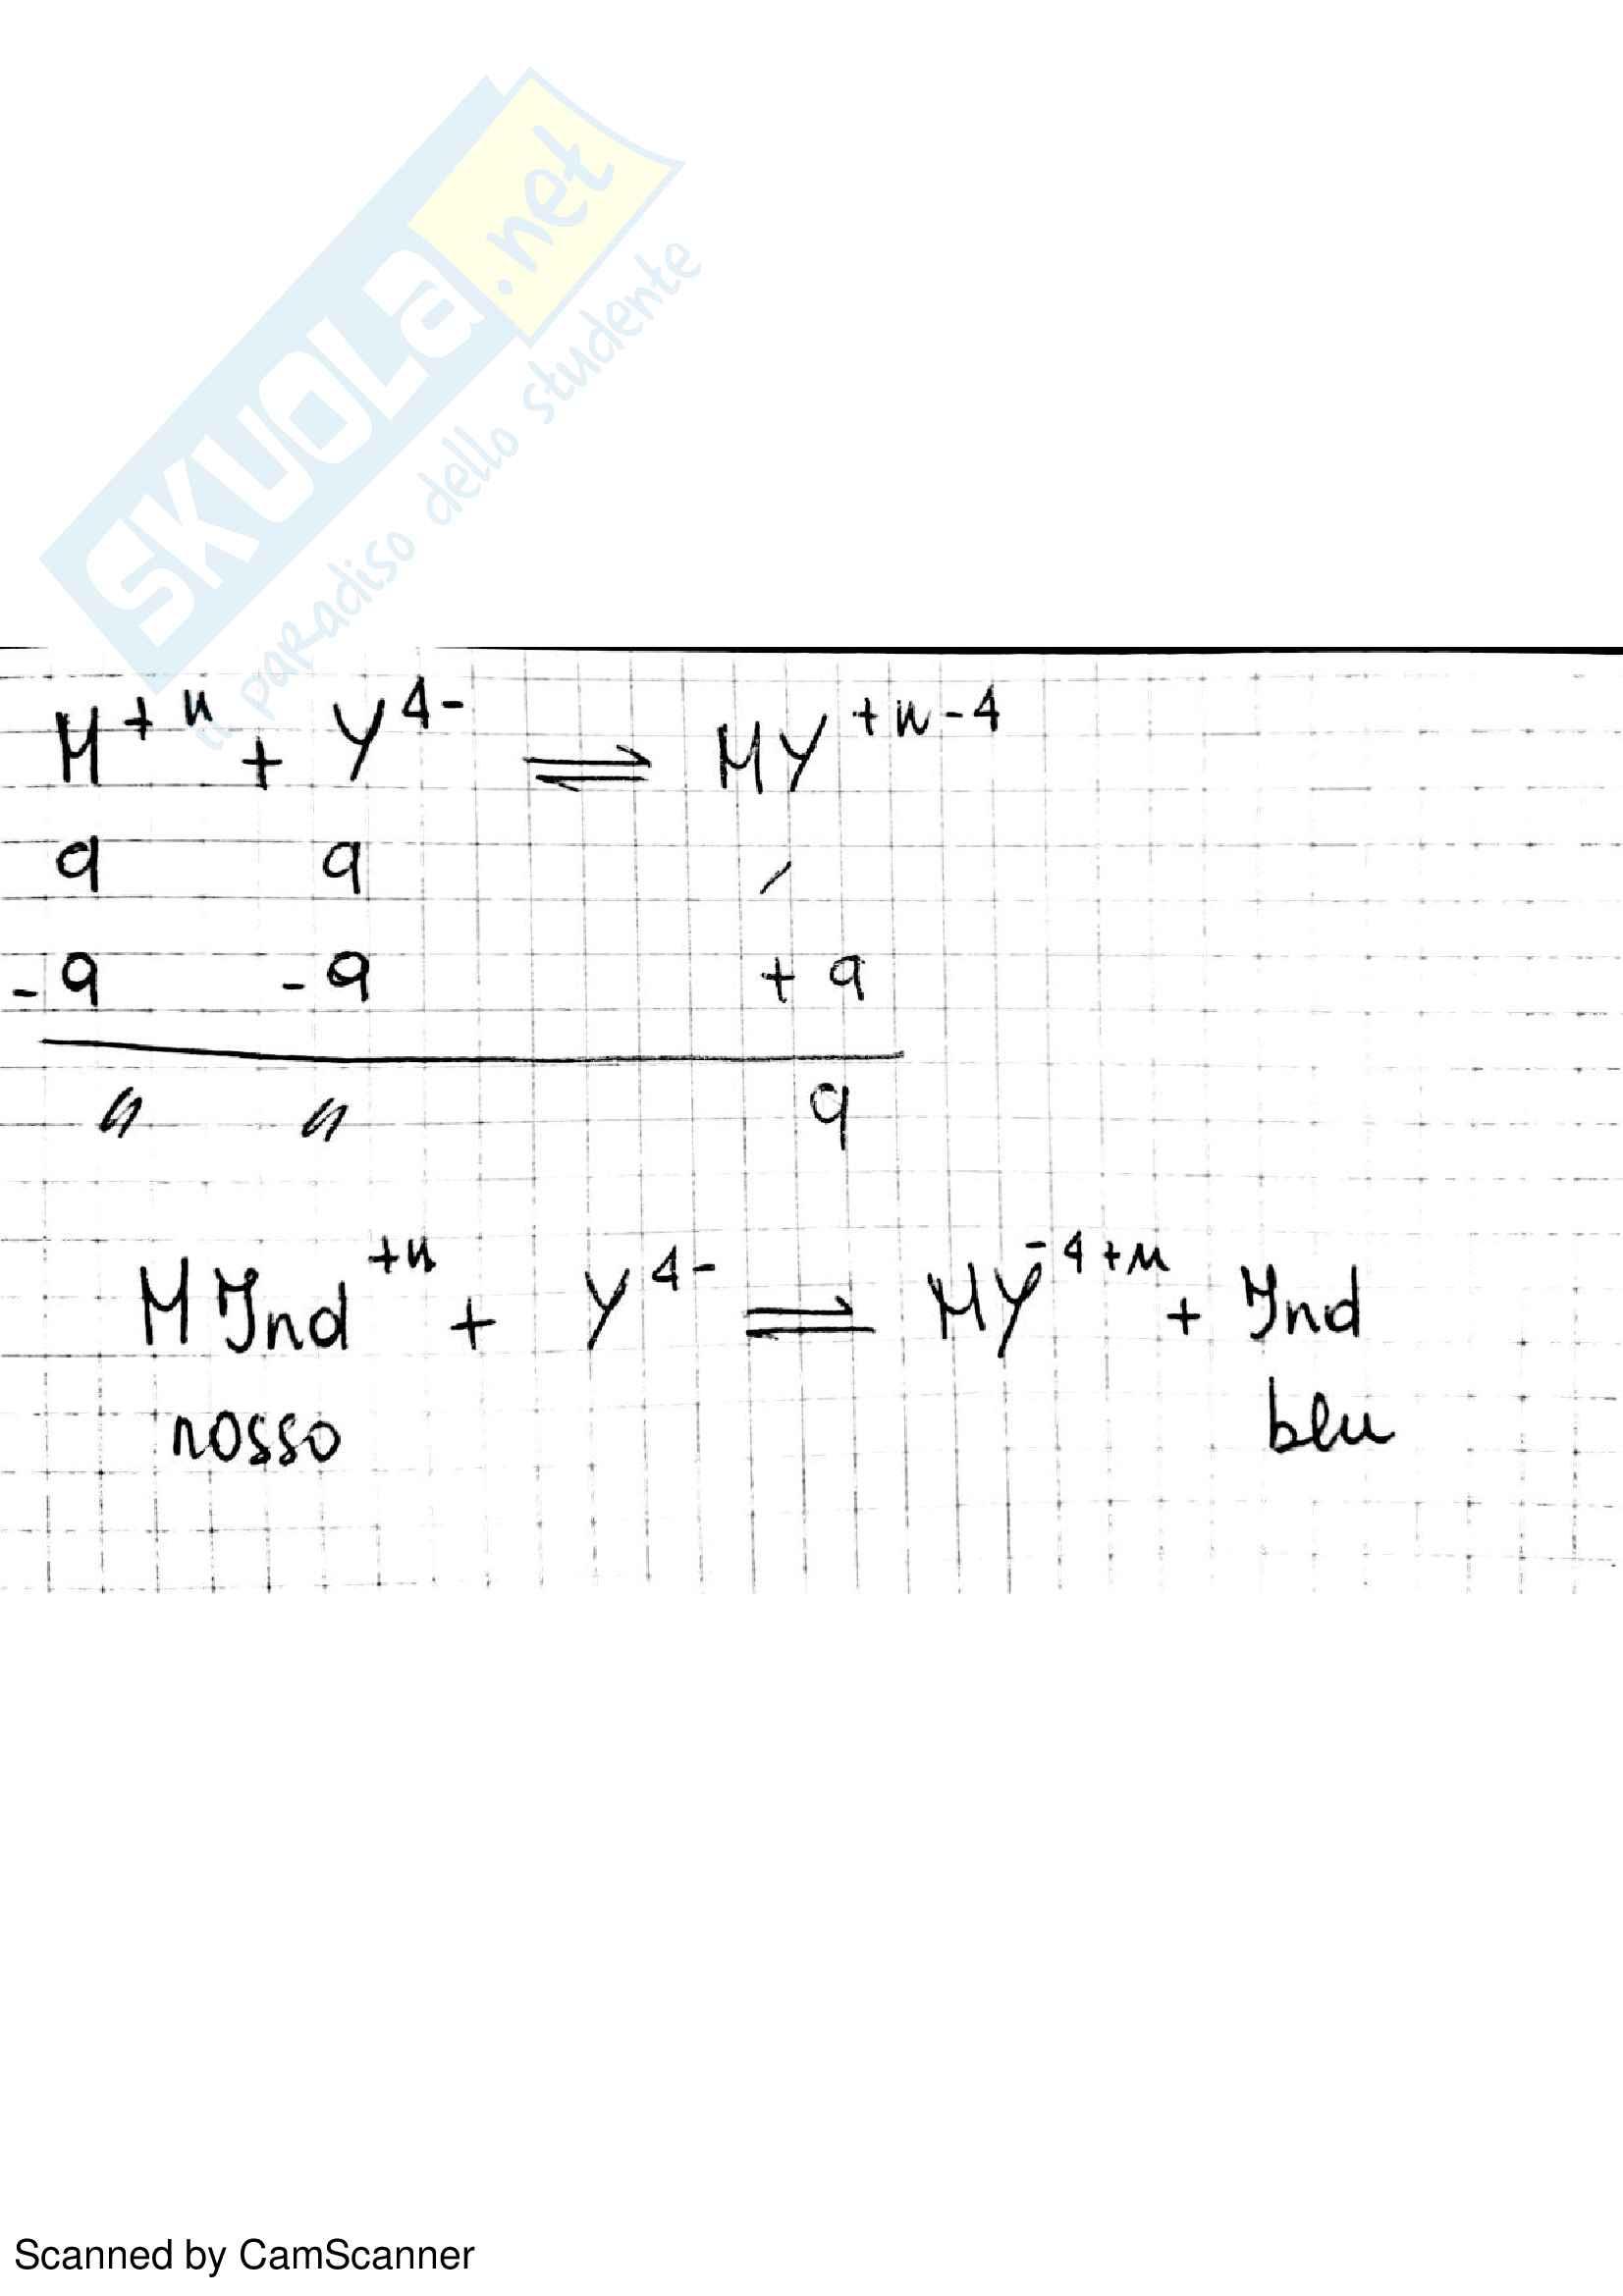 Appunti completi di chimica analitica comprensivi di esercizi d'esame Pag. 41